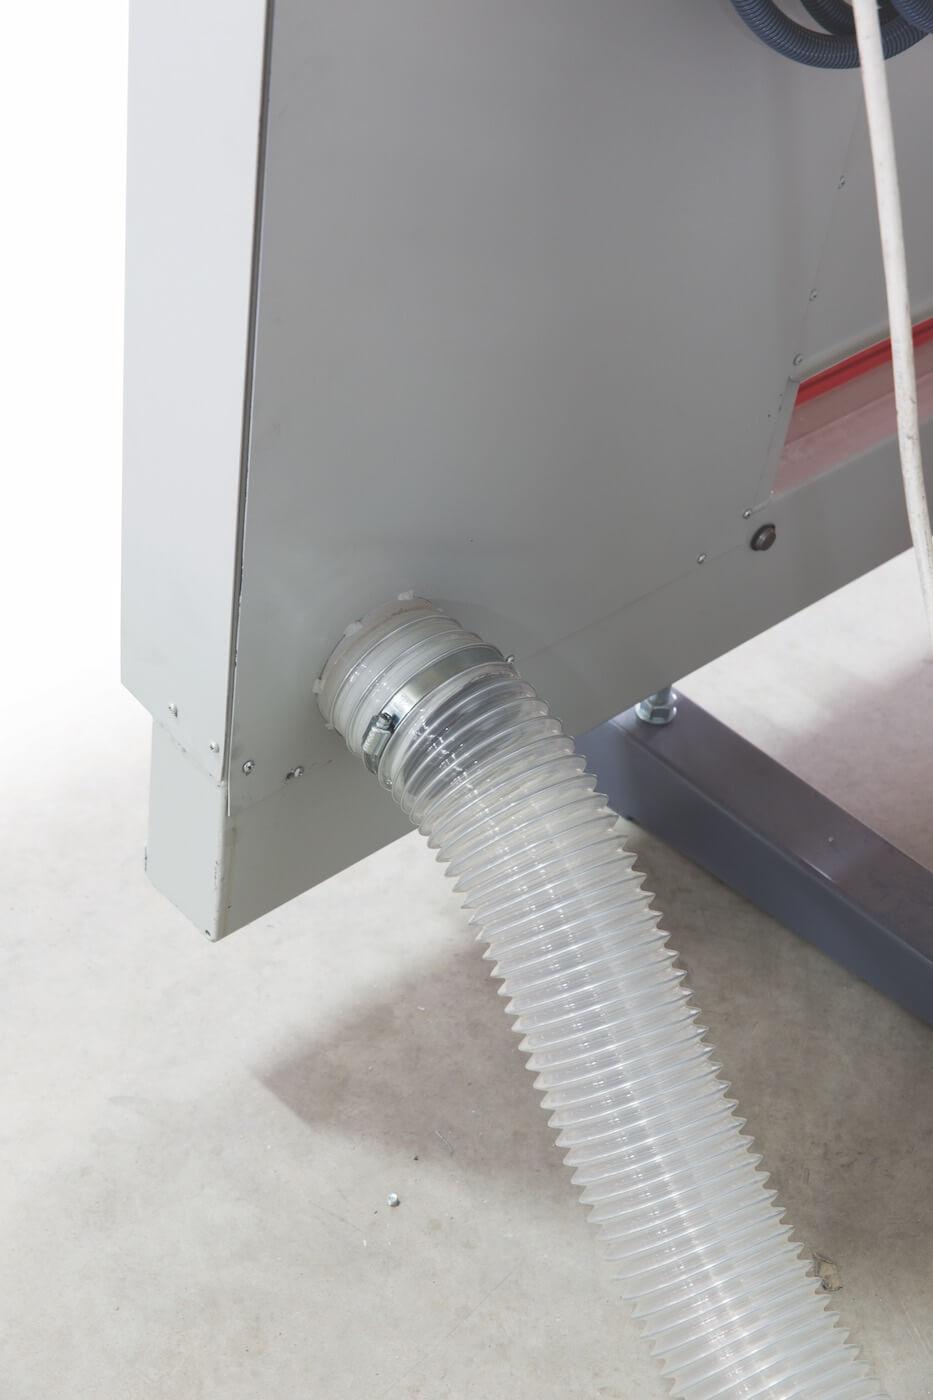 Dispositivo Aspiracion TRK, compuesto por campana posicionada sobre el lado derecho de la maquina para toda la altura, con boca de aspiracion posterior diam. 120 mm, y paneles entre los filetes para optimizar el sistema de aspiracion de la maquina.